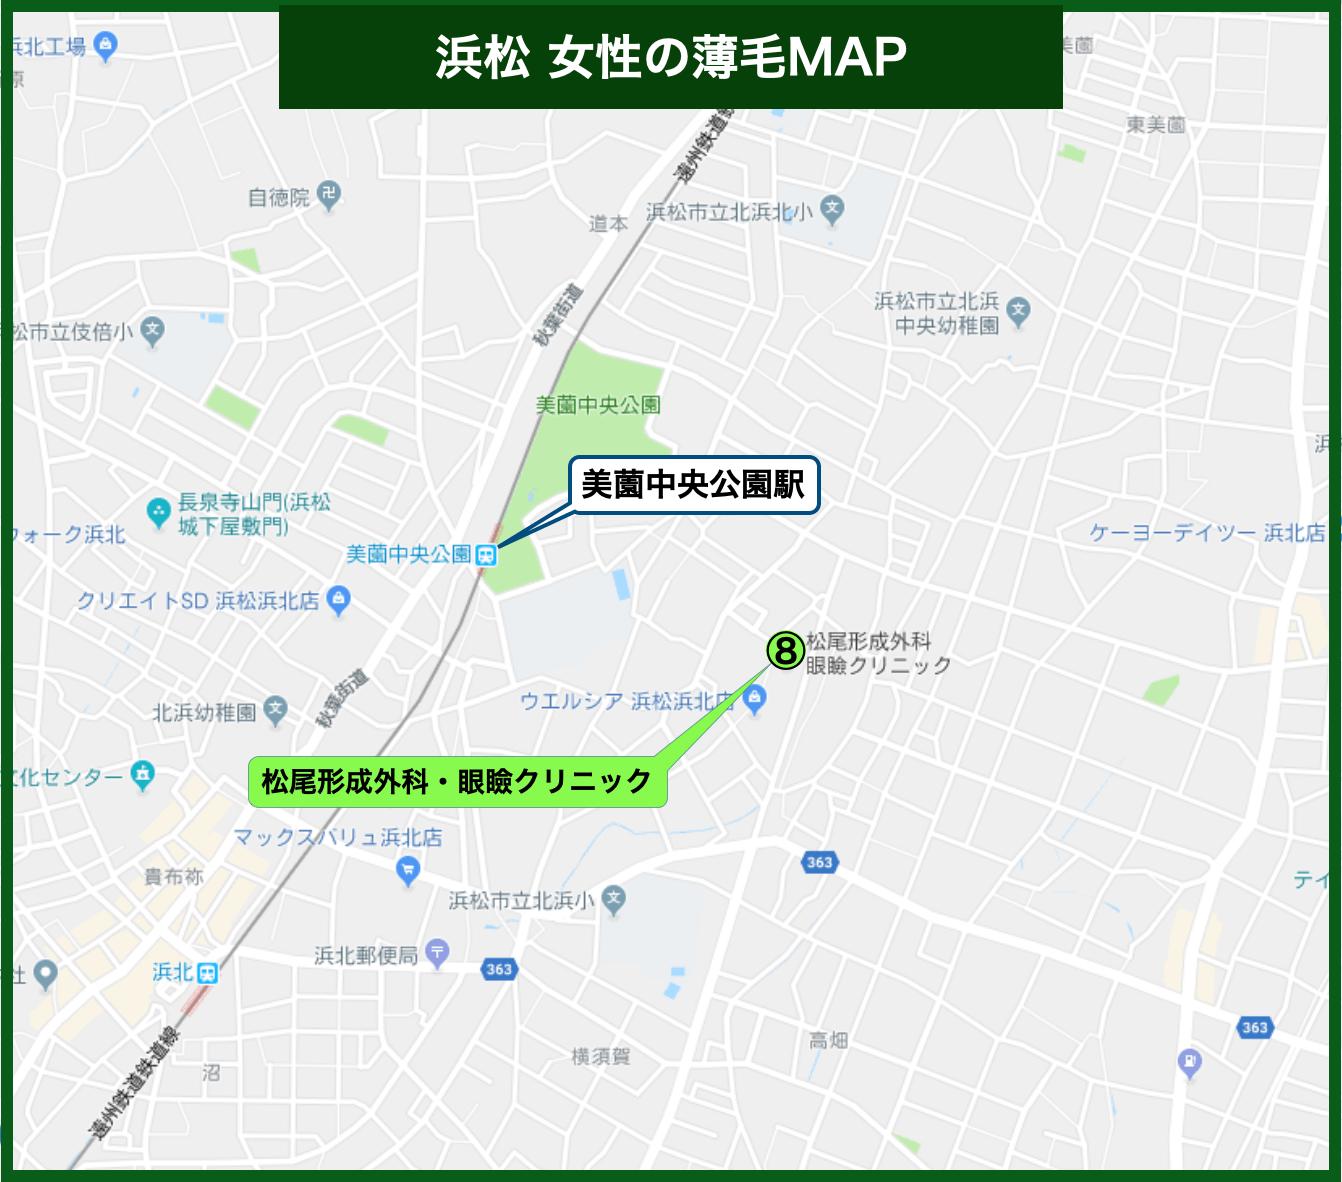 浜松 女性の薄毛MAP